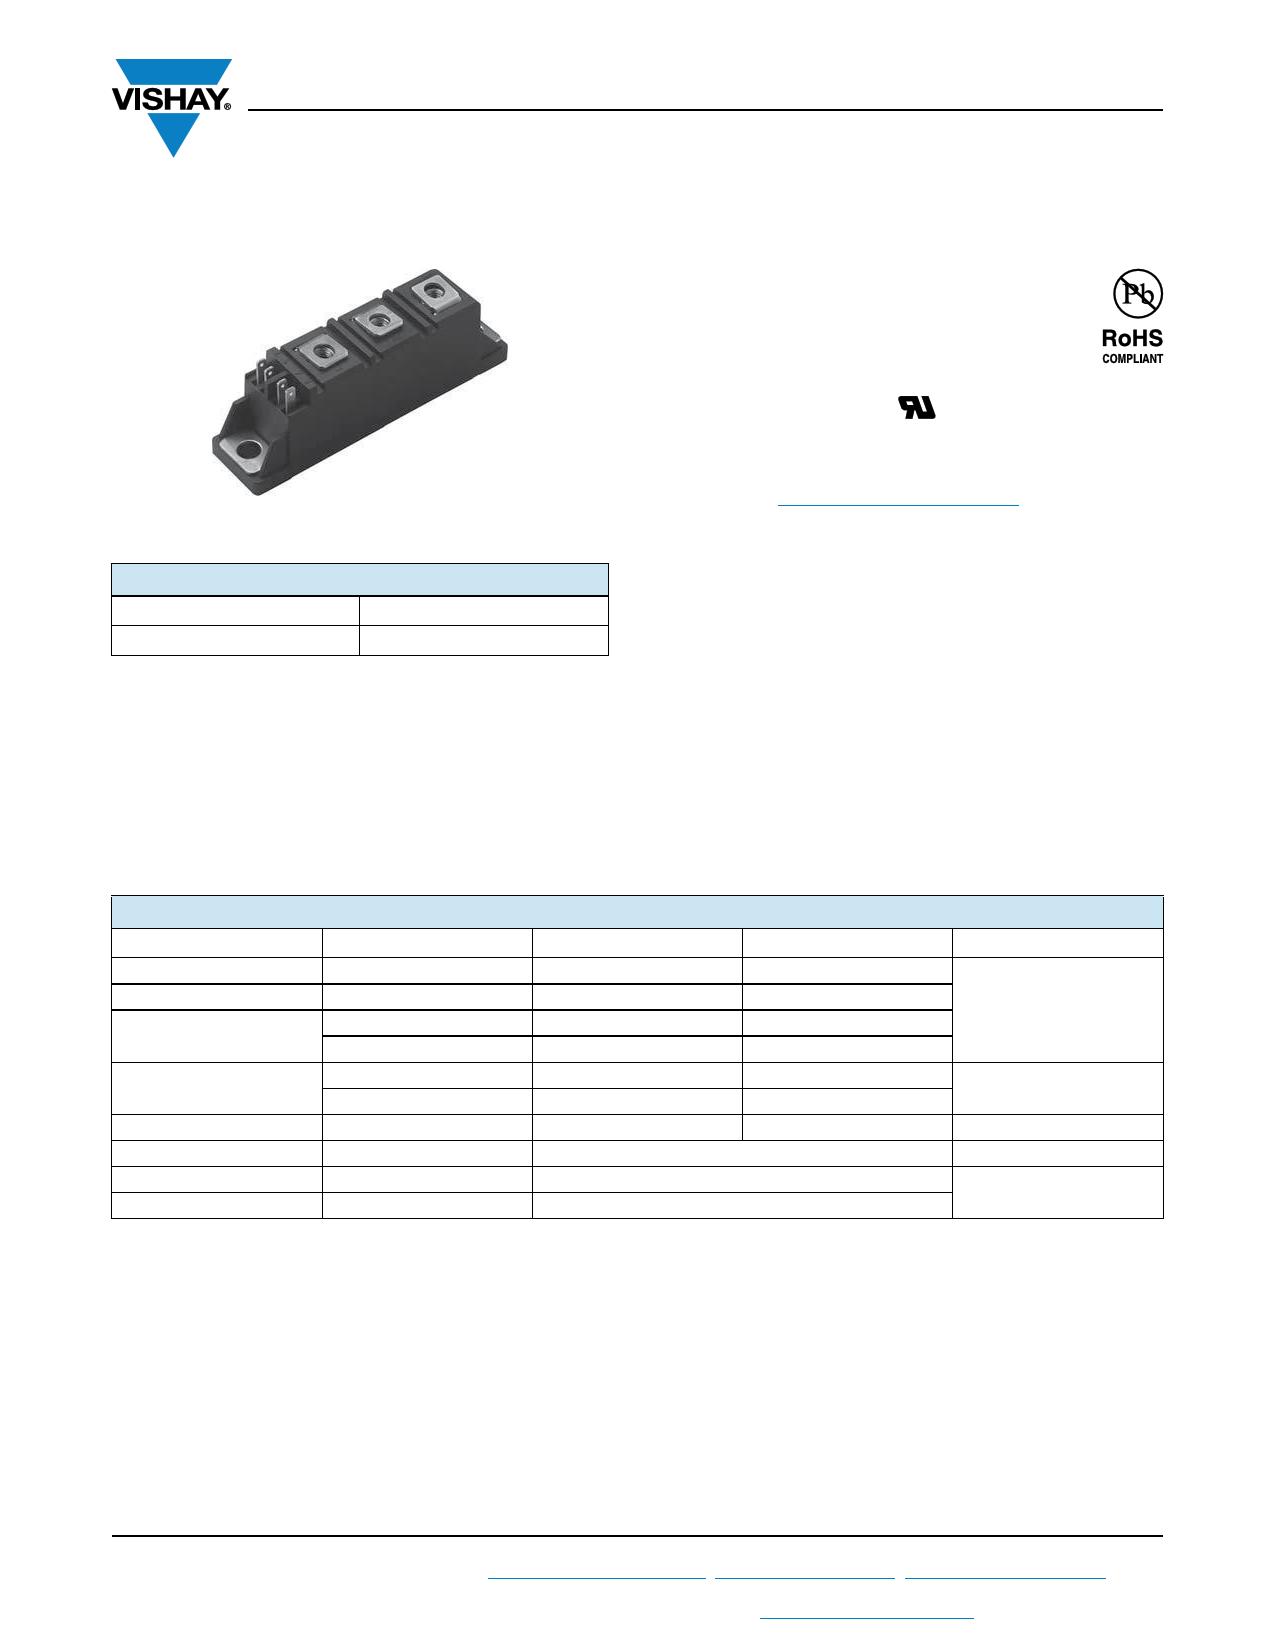 VSKH57-12P Datasheet, VSKH57-12P PDF,ピン配置, 機能